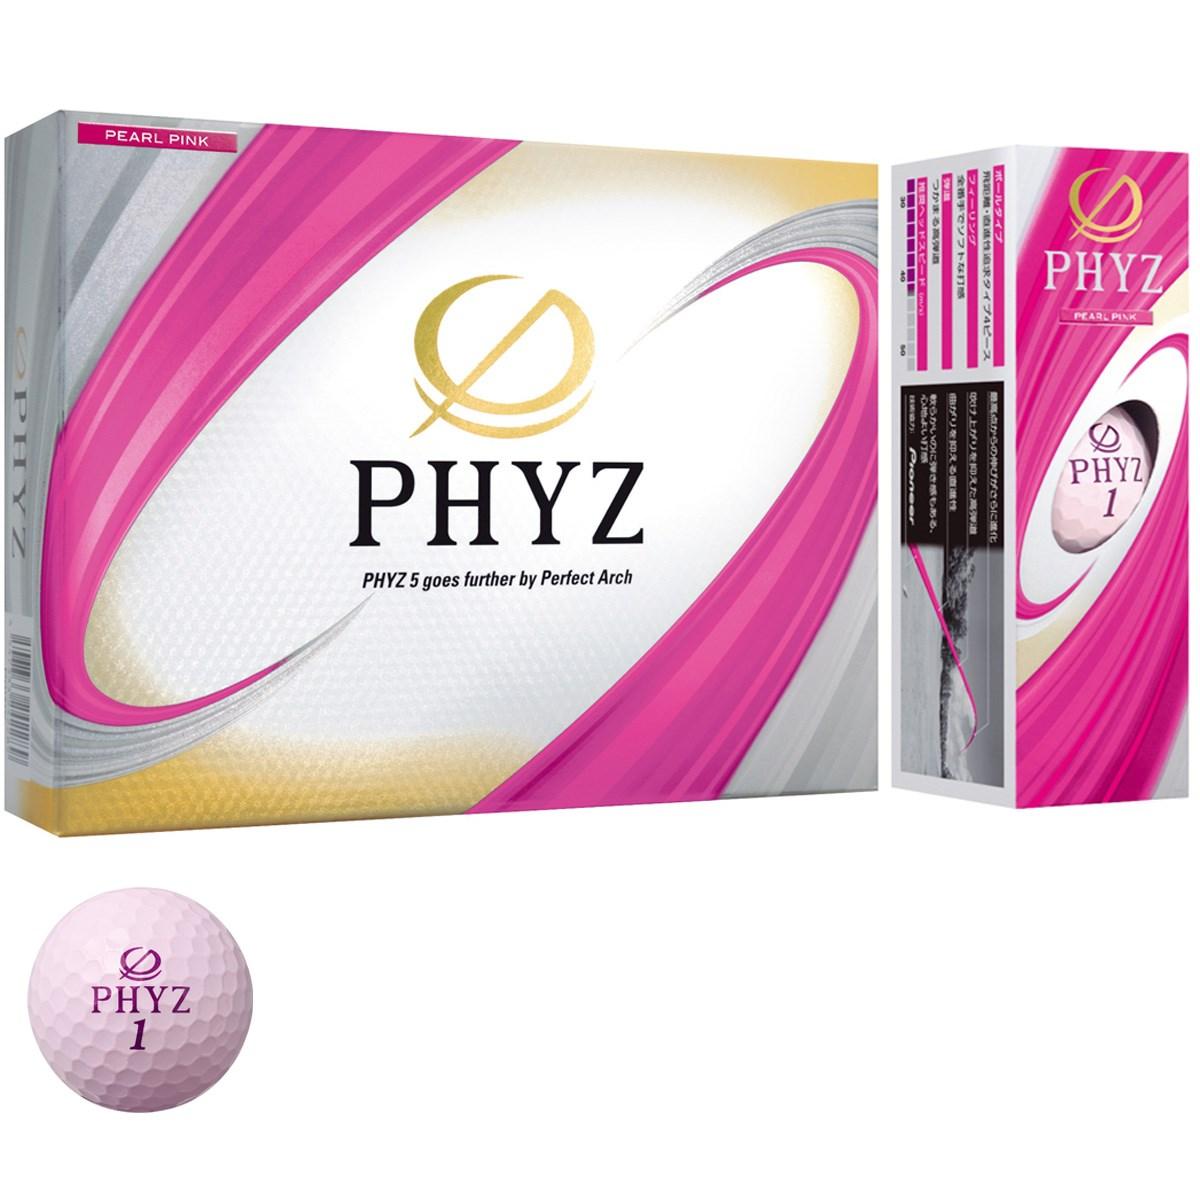 ブリヂストン PHYZ PHYZ ボール 1ダース(12個入り) パールピンク